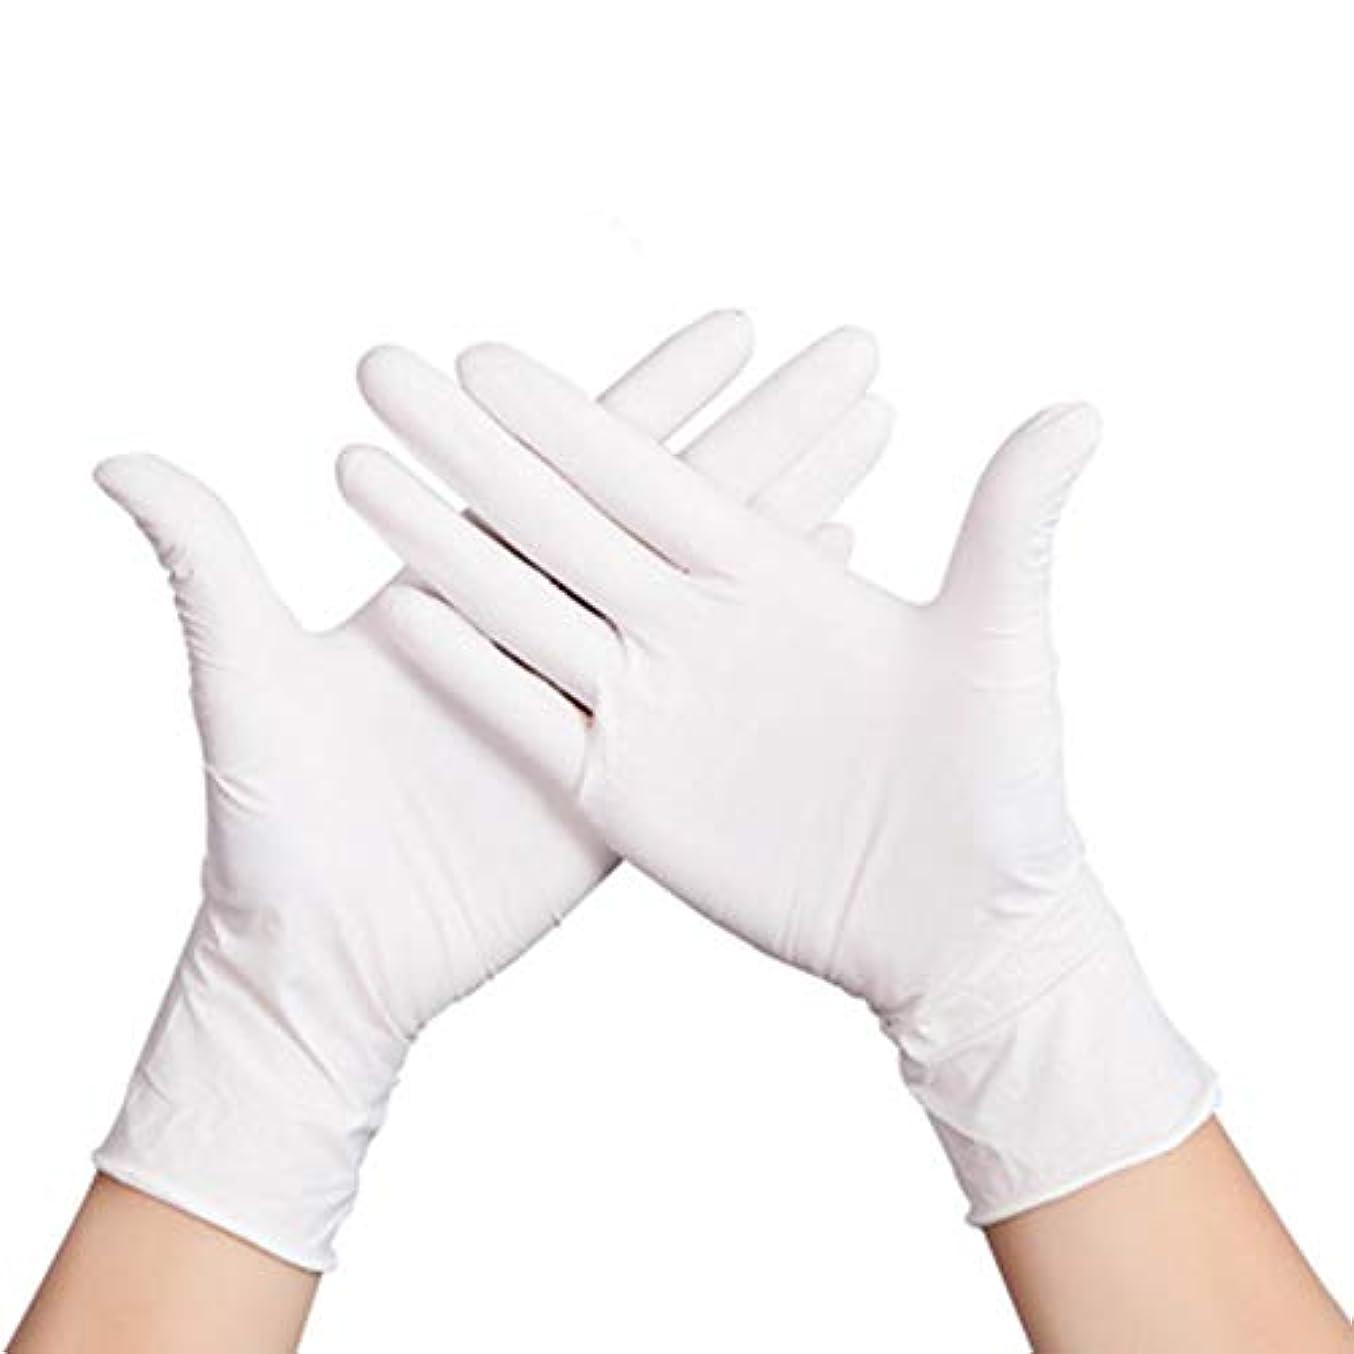 電信スリラーウルル使い捨て白手袋ニトリル手袋by 50ペア、食品、ケータリング、家事、仕事、入れ墨、保護、ゴム、ラテックス手袋、商業用